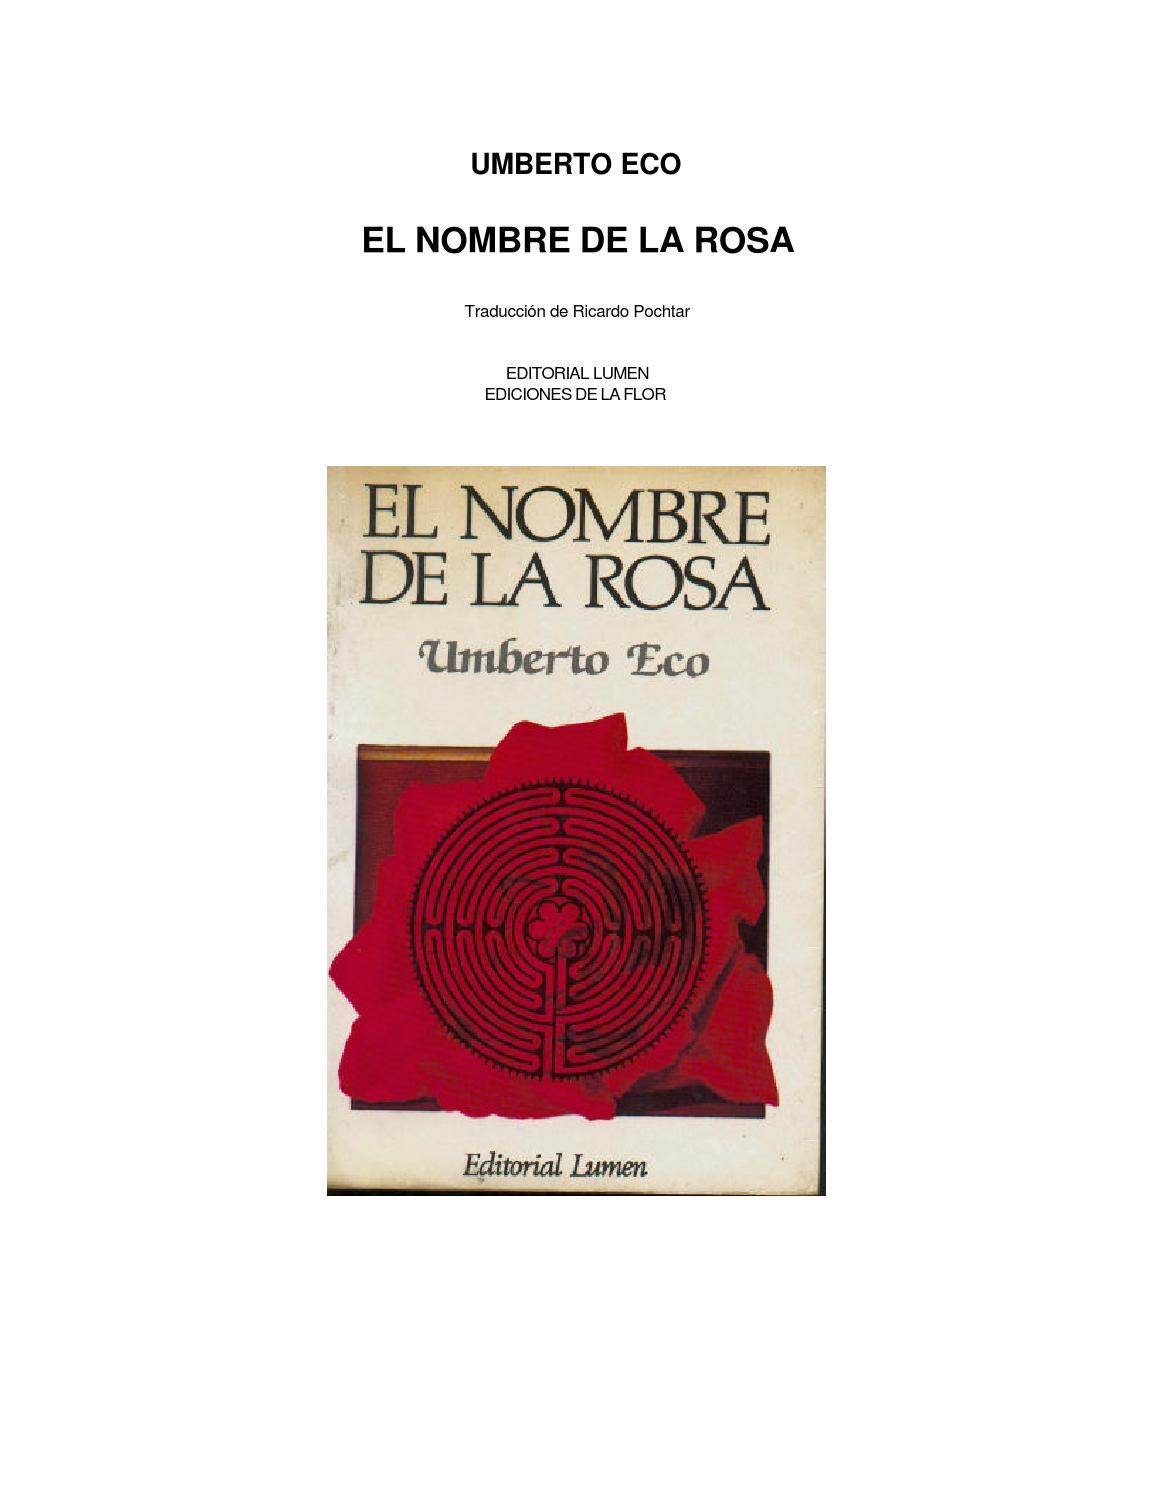 EcoUmberto La Rosa Martinez El De Nombre By Issuu Cristian Accinelli nNO80mvw